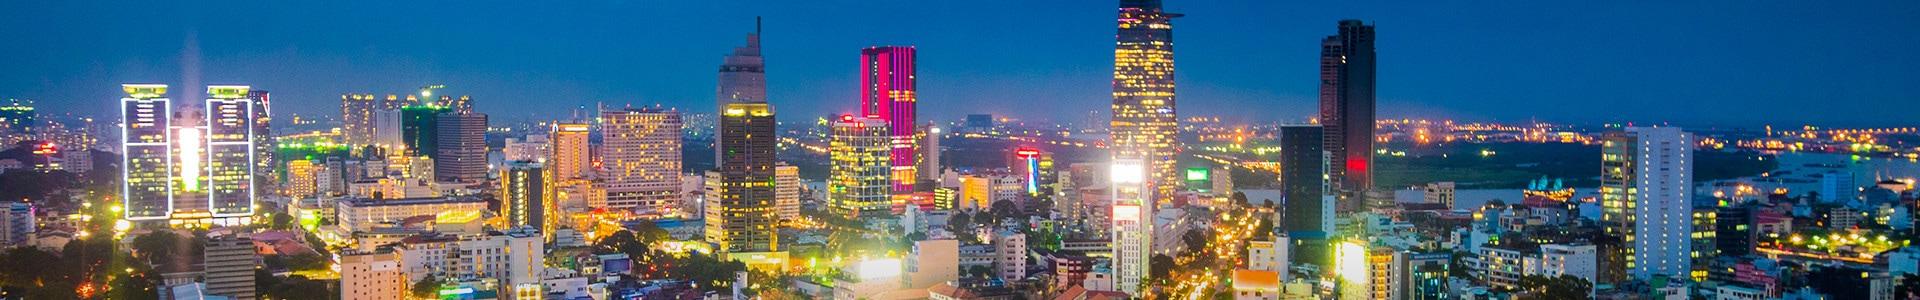 Vol Ho Chi Minh - TUI